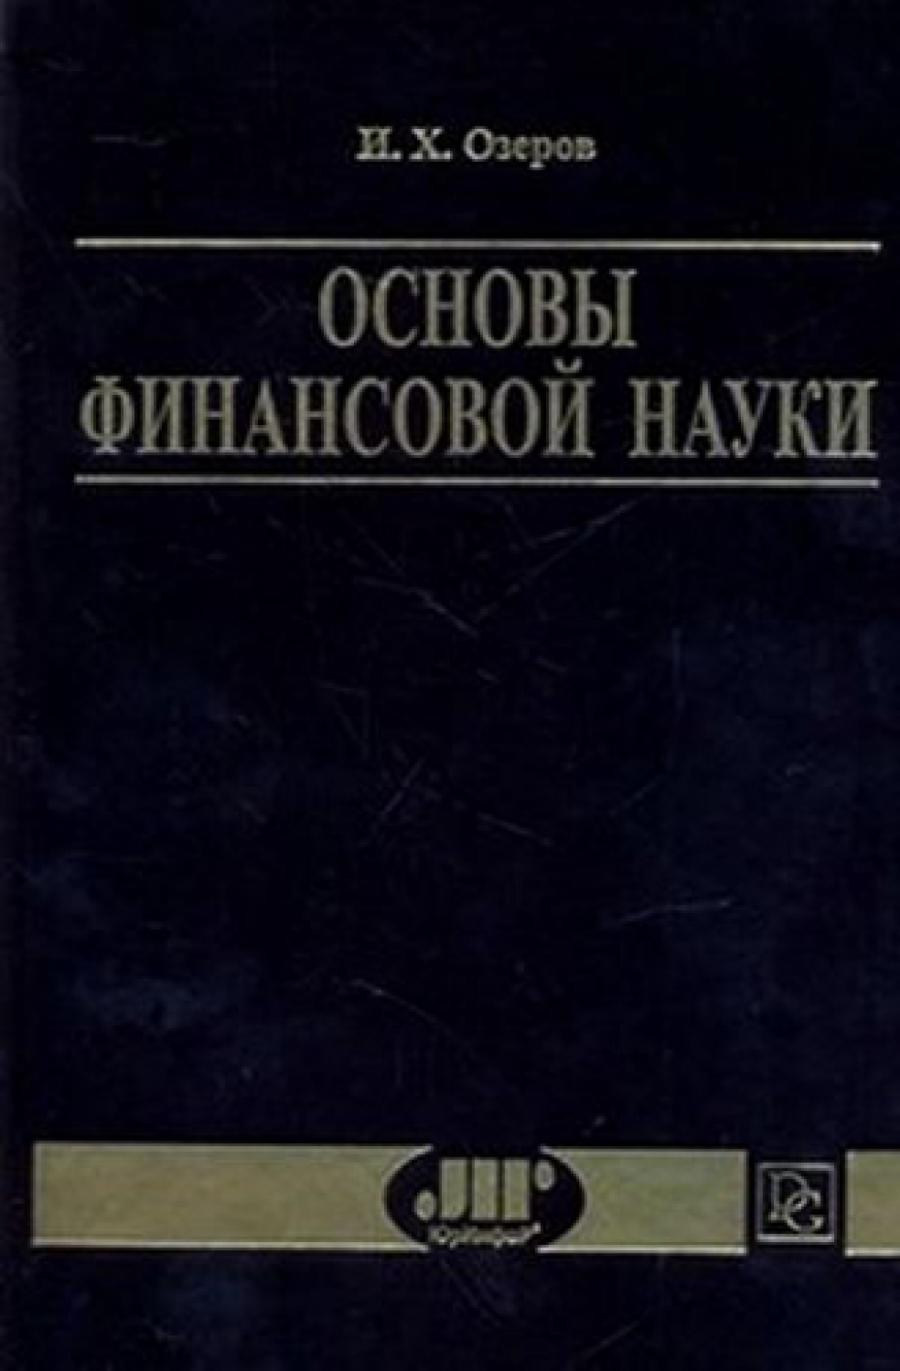 Обложка книги:  озеров и.х. - основы финансовой науки